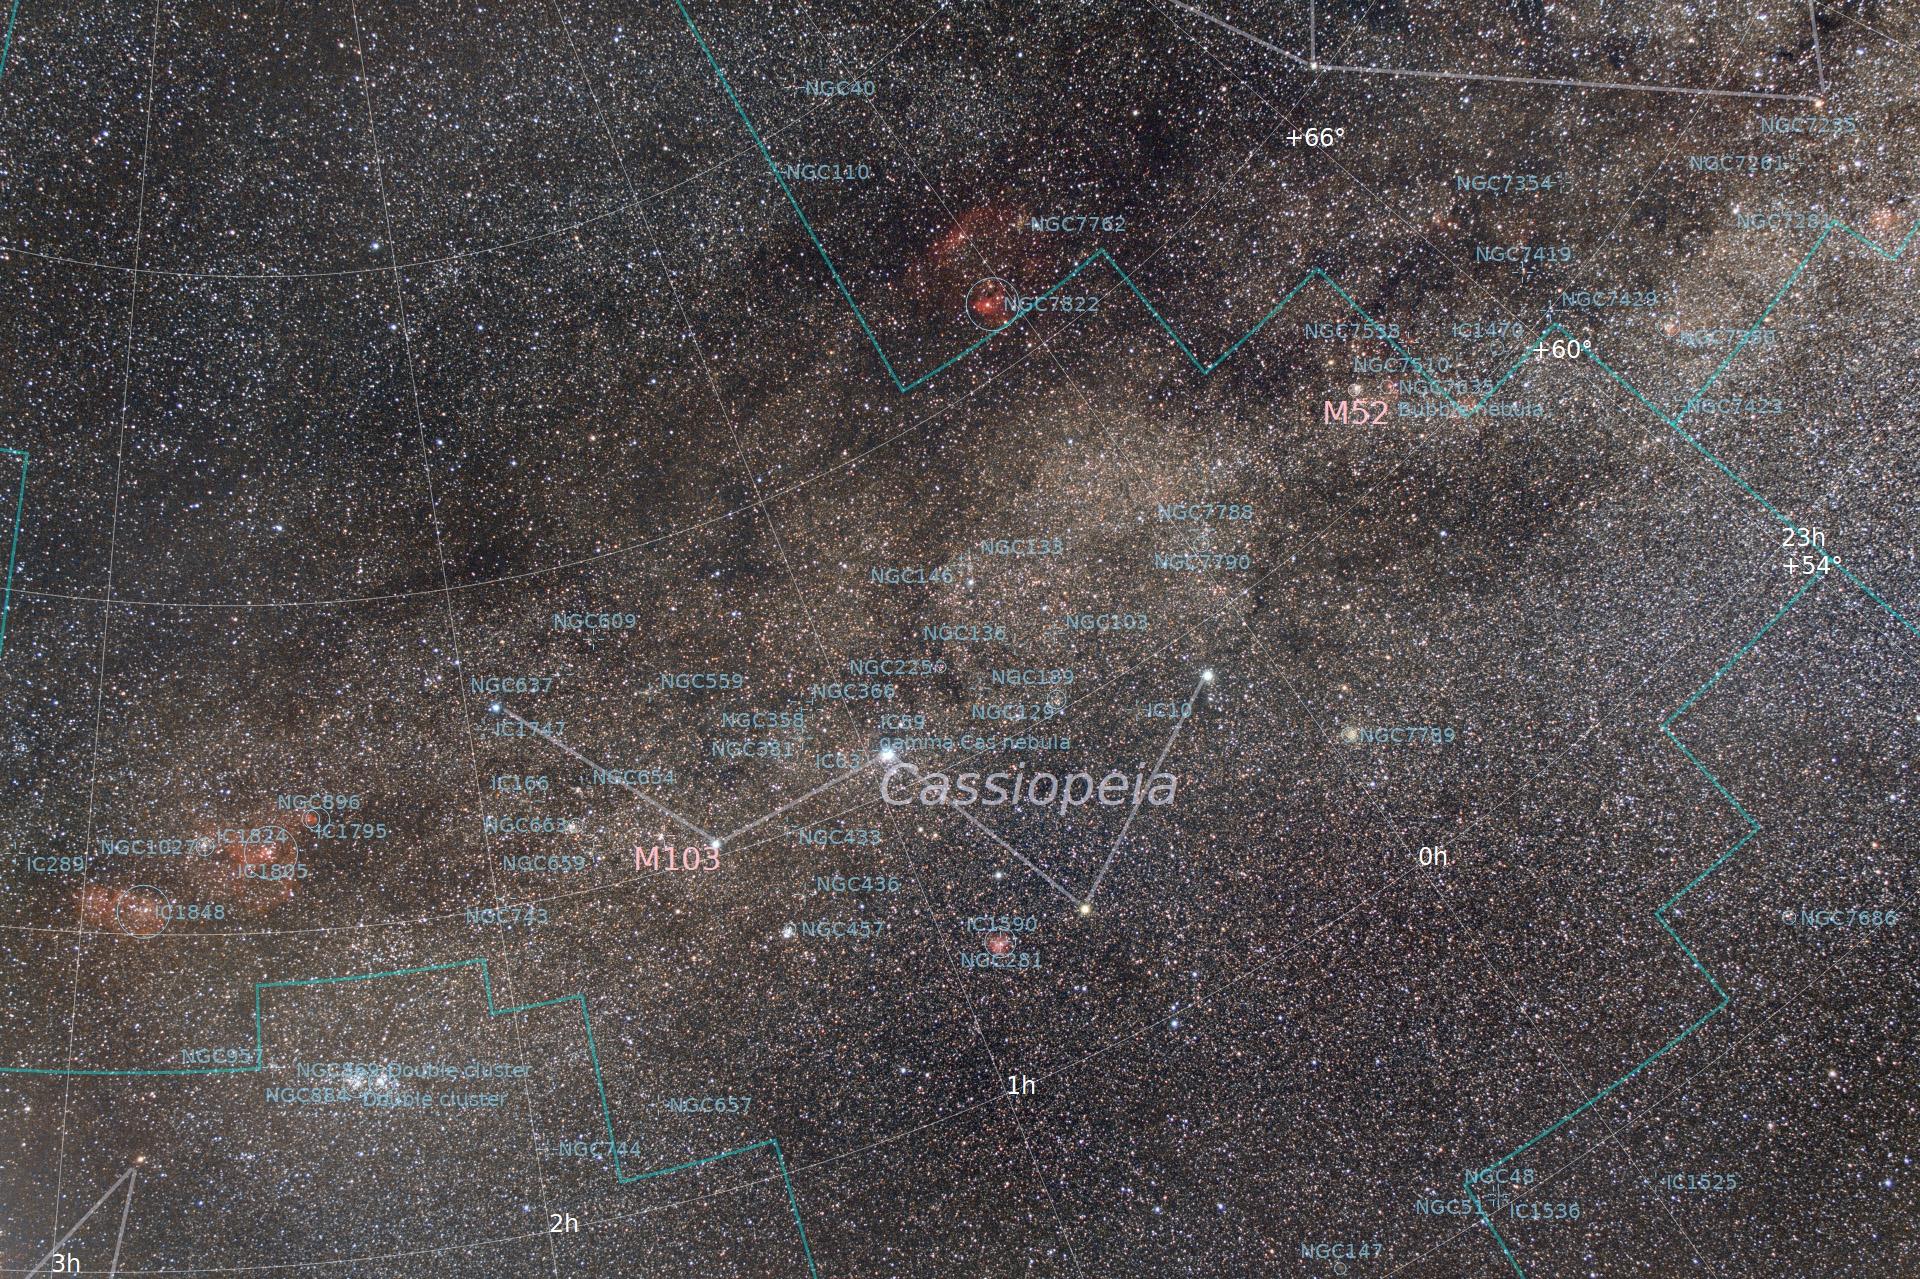 Zona di Cassiopea con annotazioni degli oggetti presenti